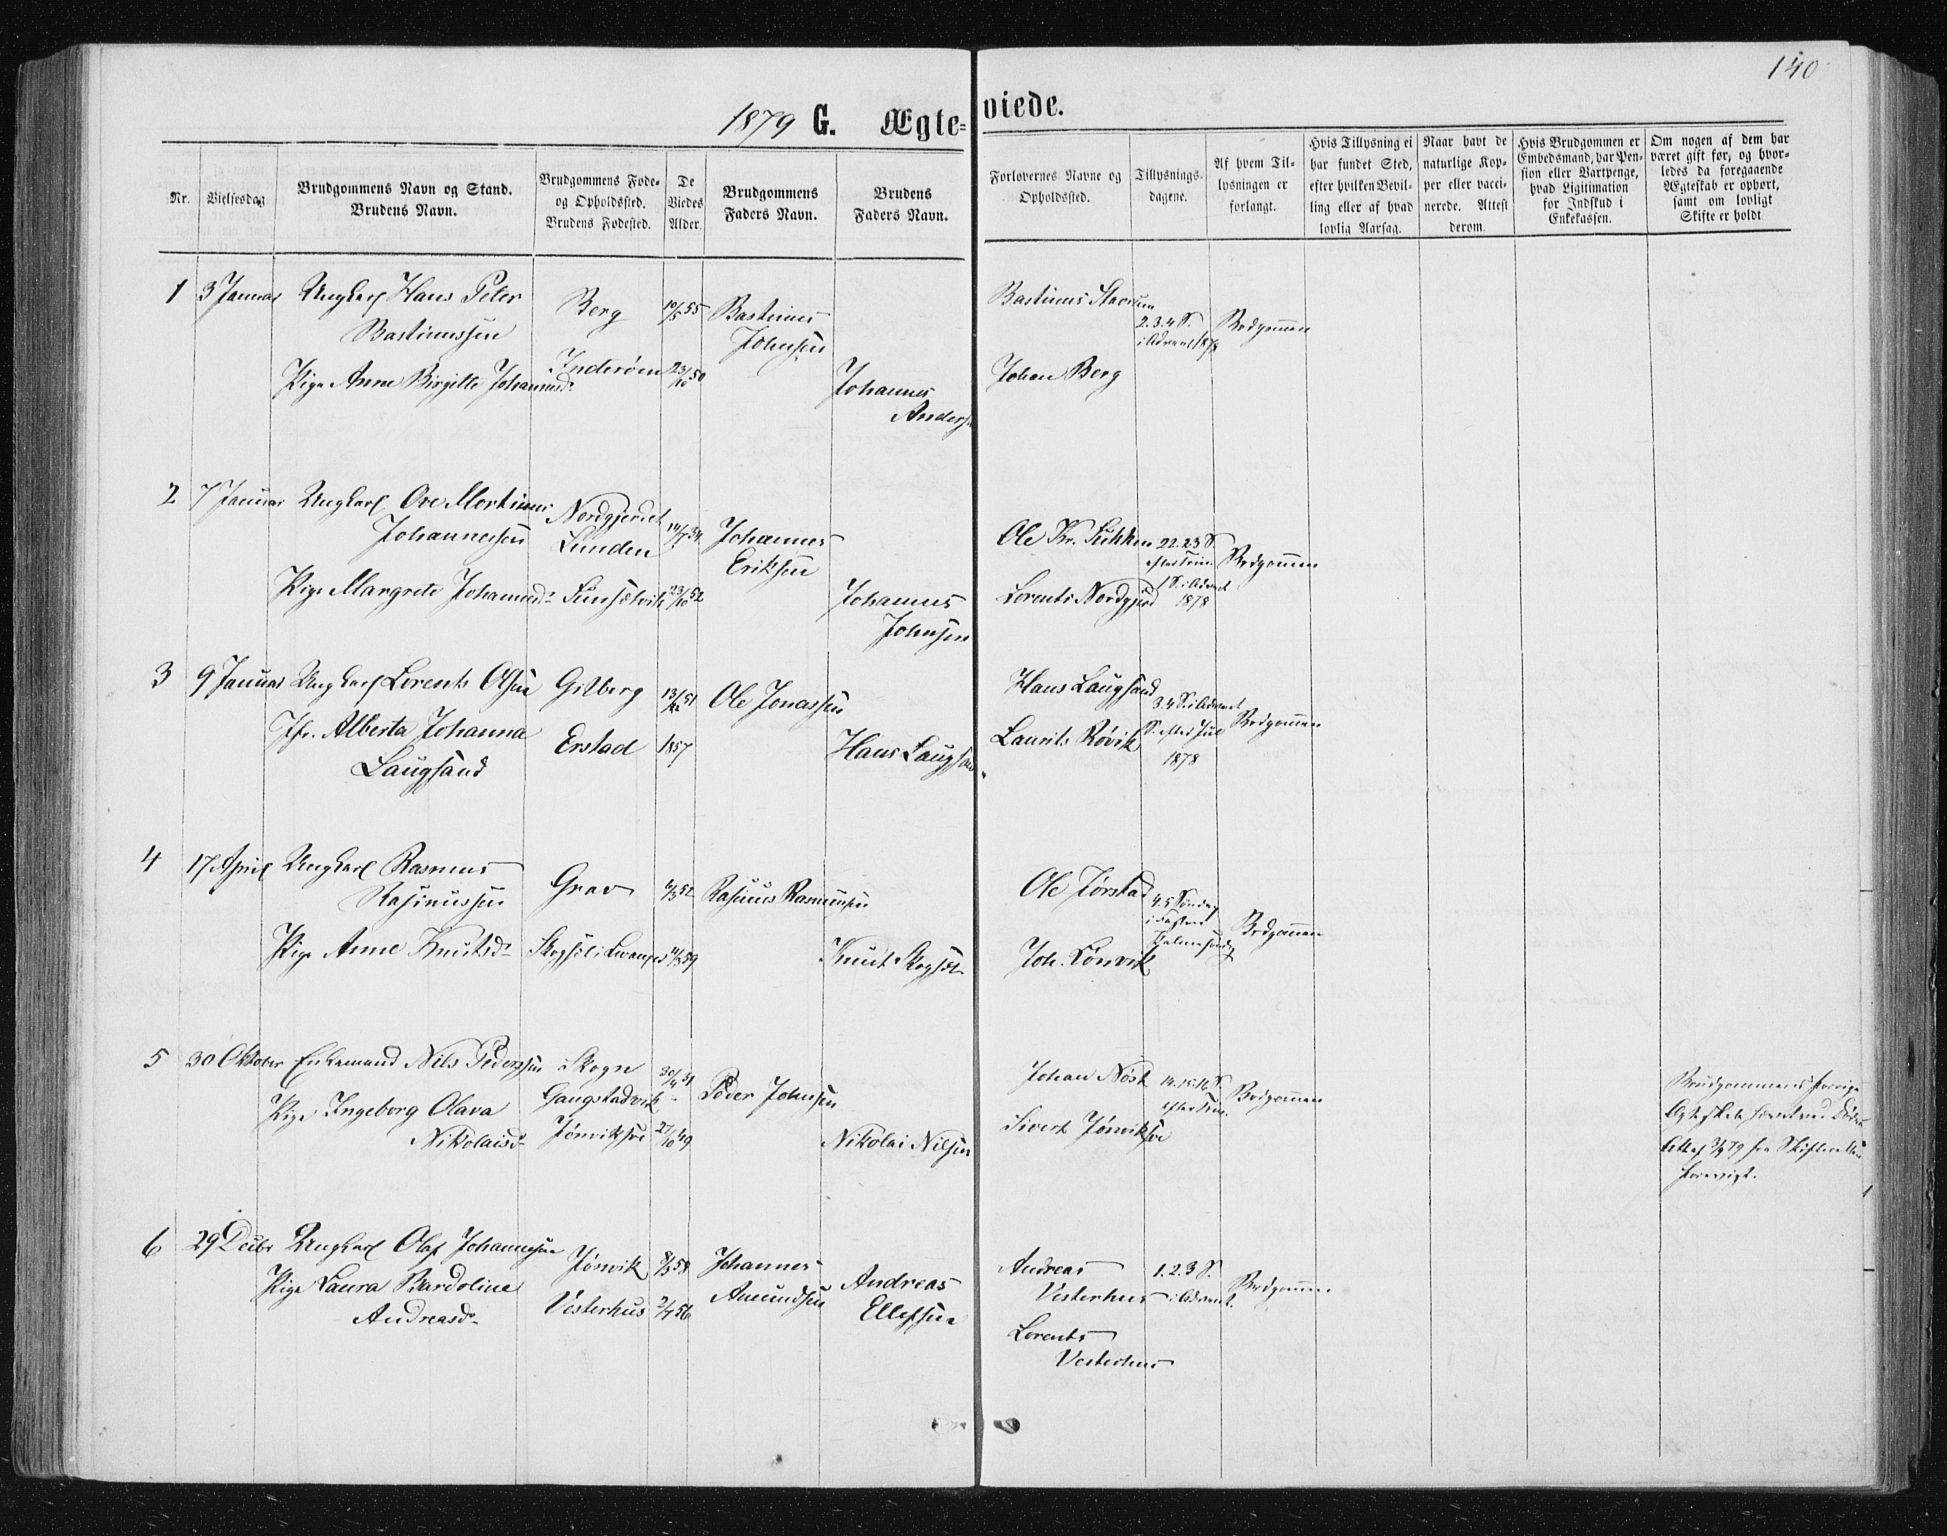 SAT, Ministerialprotokoller, klokkerbøker og fødselsregistre - Nord-Trøndelag, 722/L0219: Ministerialbok nr. 722A06, 1868-1880, s. 140